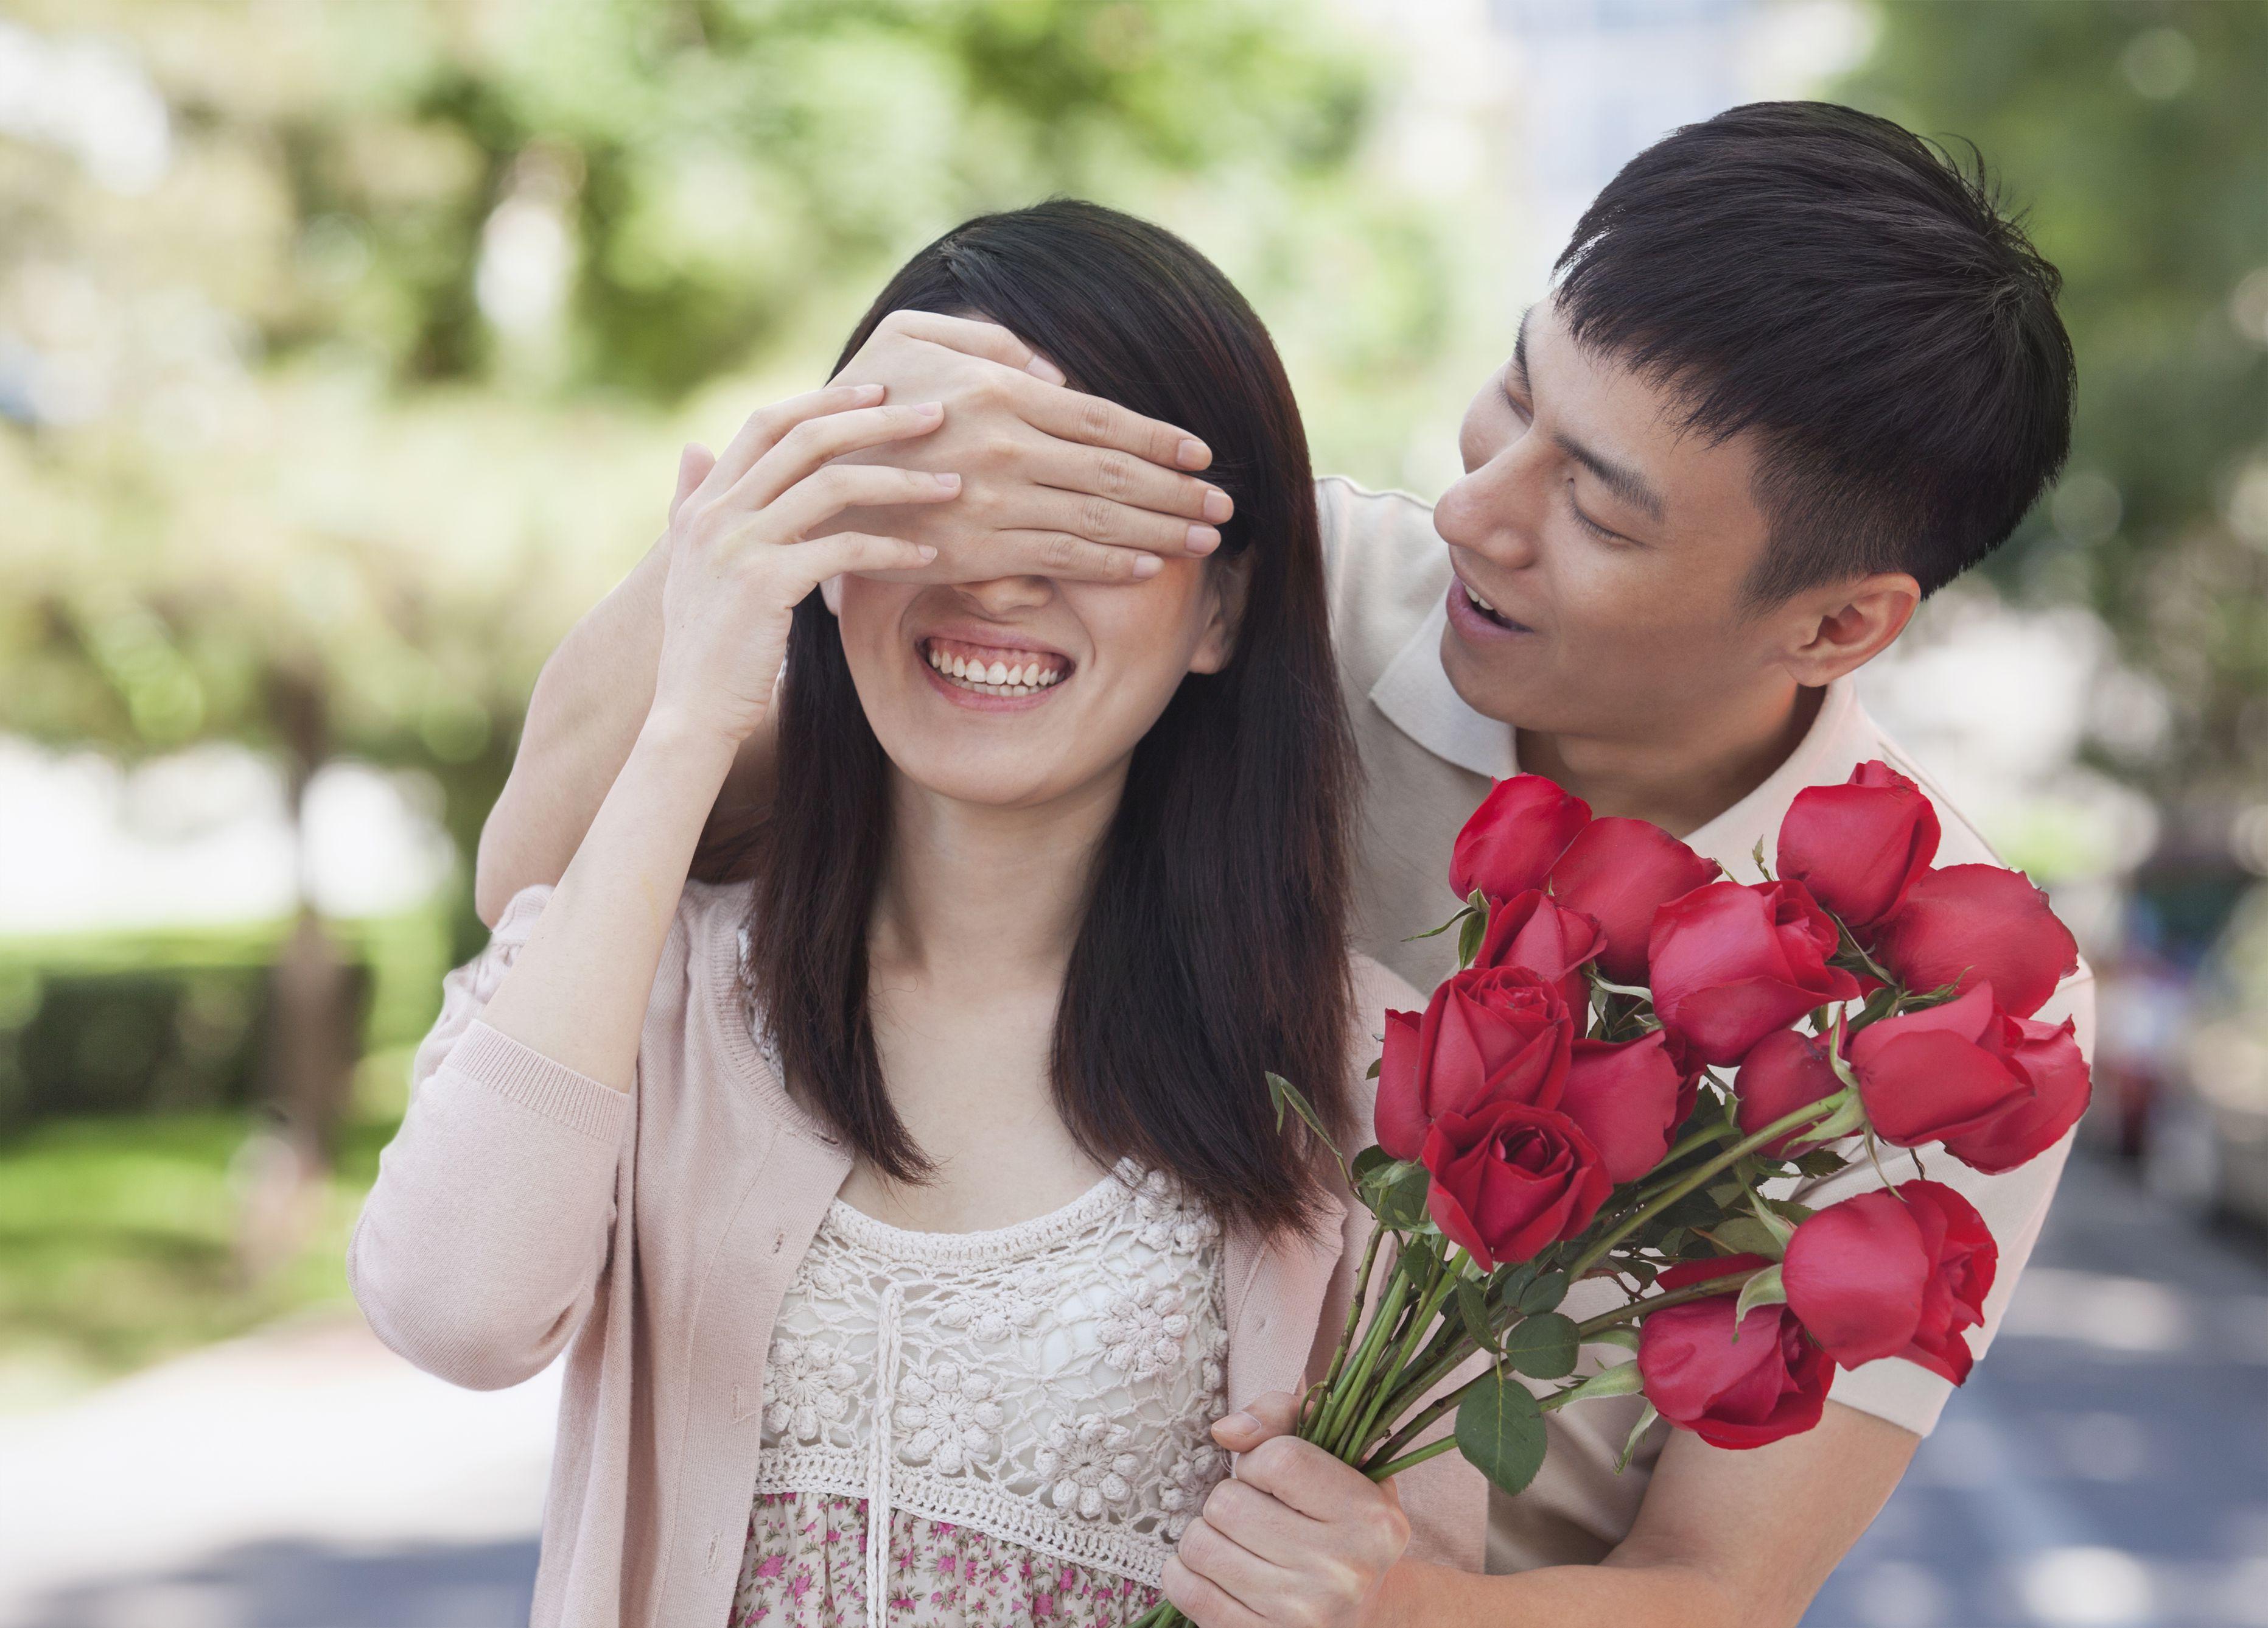 Hombre asiático que sorprende a una amiga con un ramo de rosas rojas